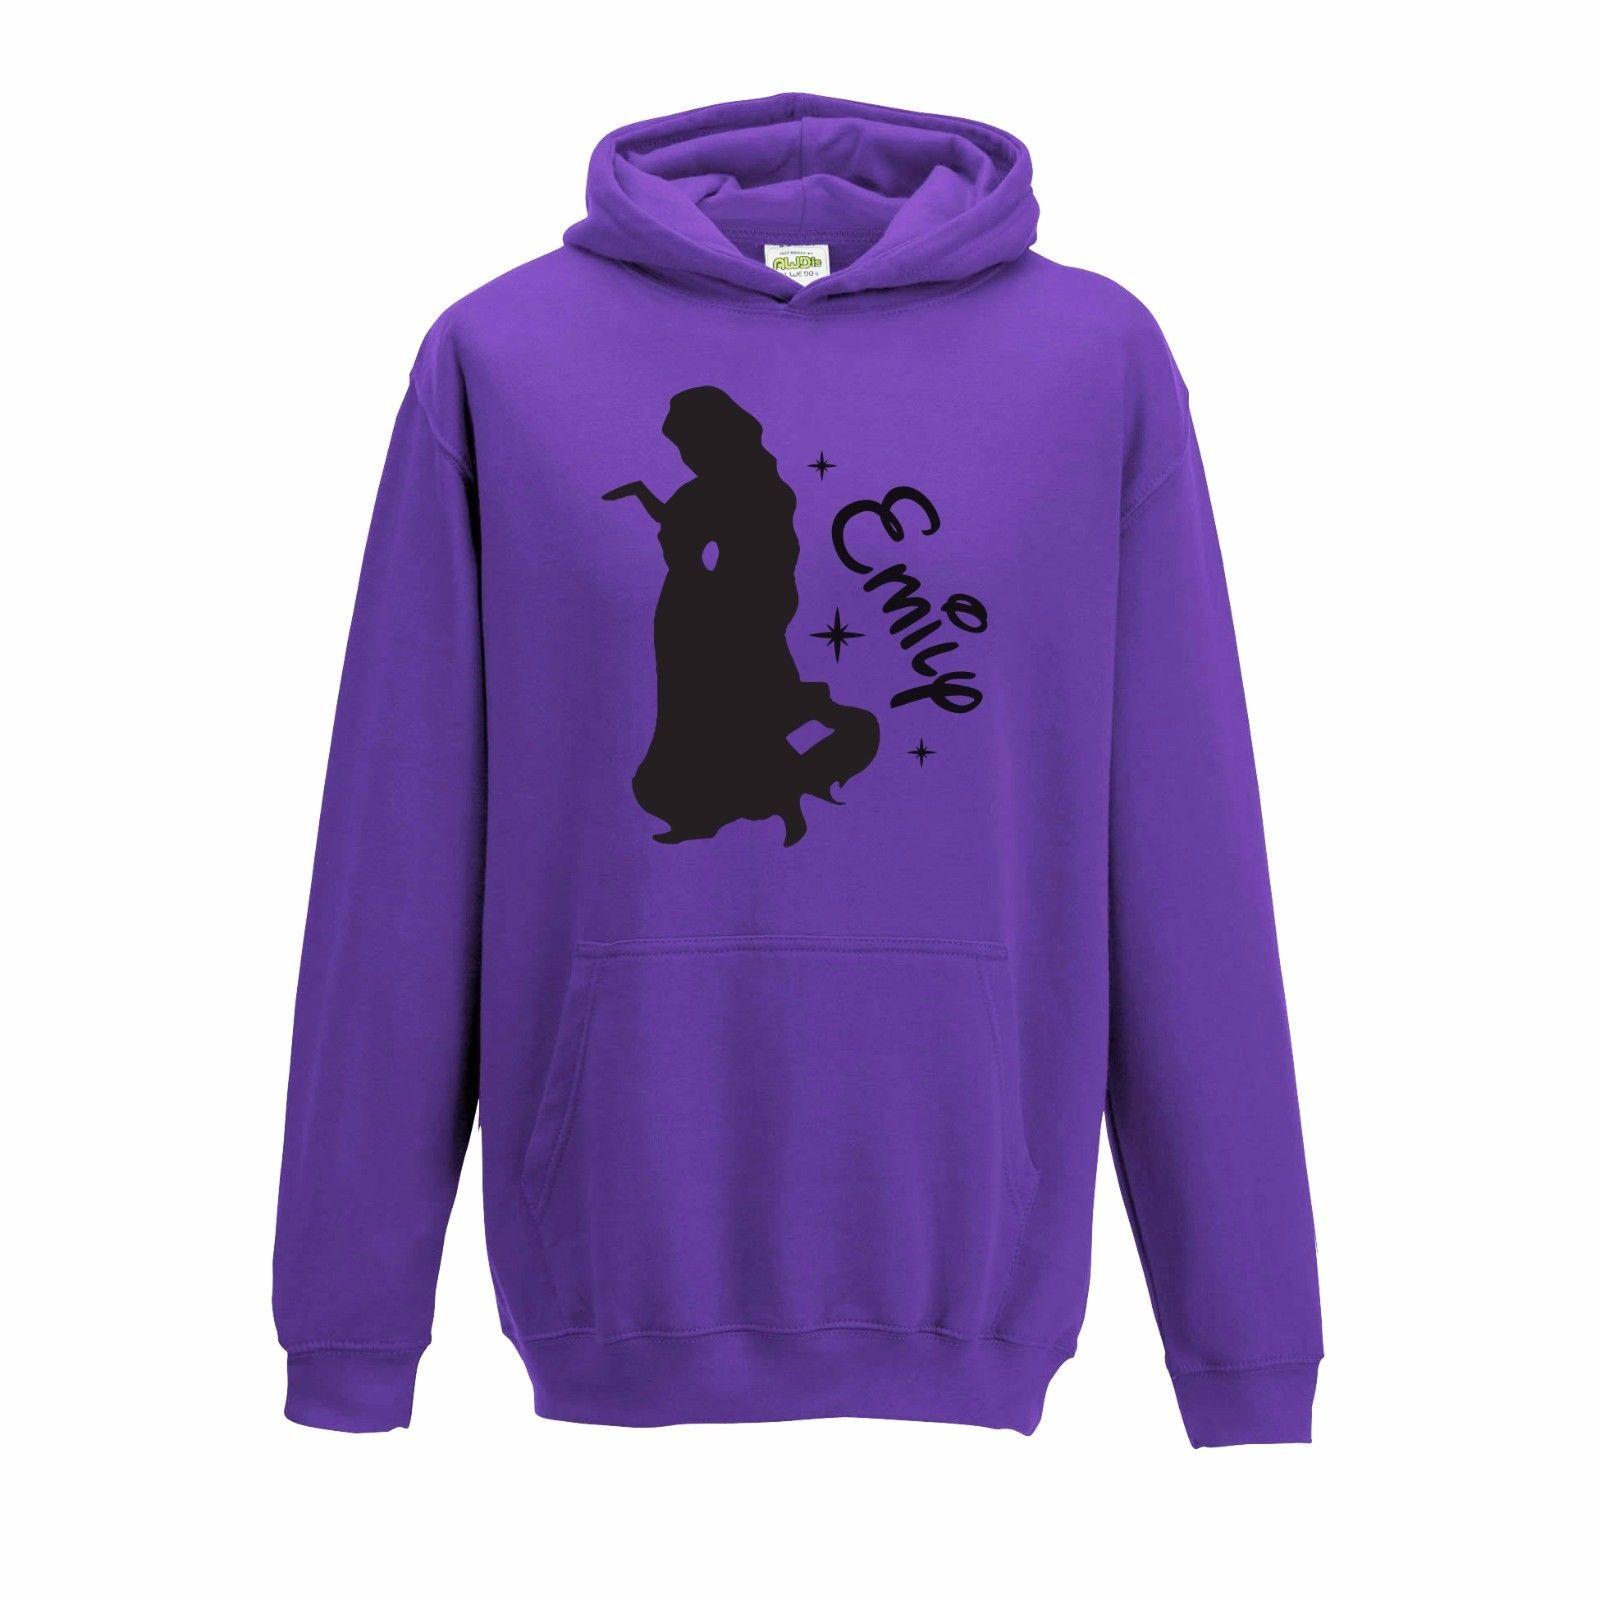 1600x1600 Personalised Princess Silhouette Disney Rapunzel Inspired Name Hoodie